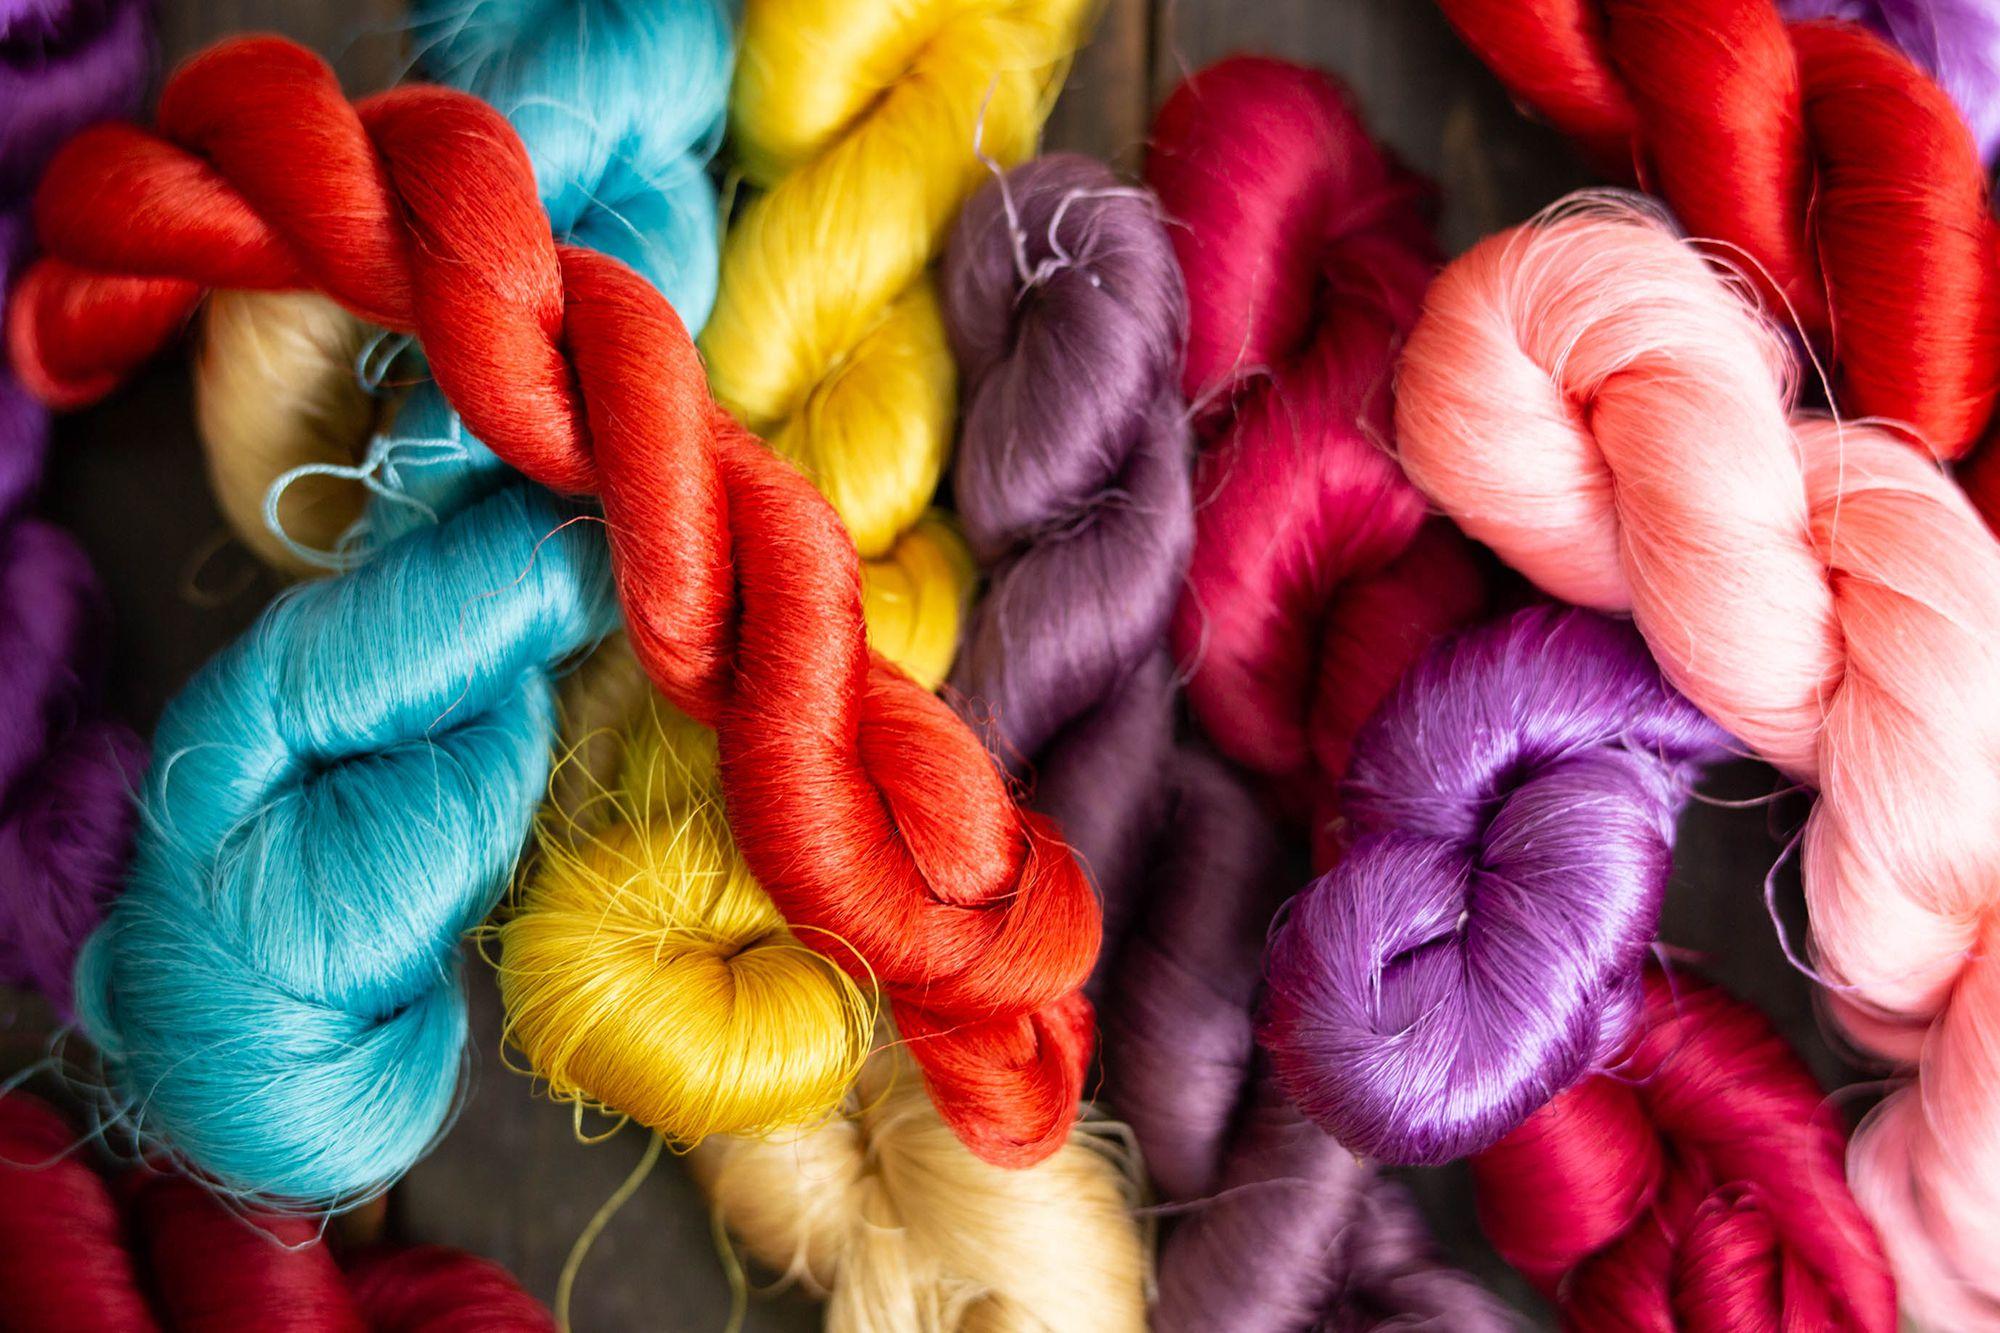 織物用の糸。帯などの織物は、糸を染めて織り上げる。艶やかな絹糸が自然の色合いをまとって輝いている。